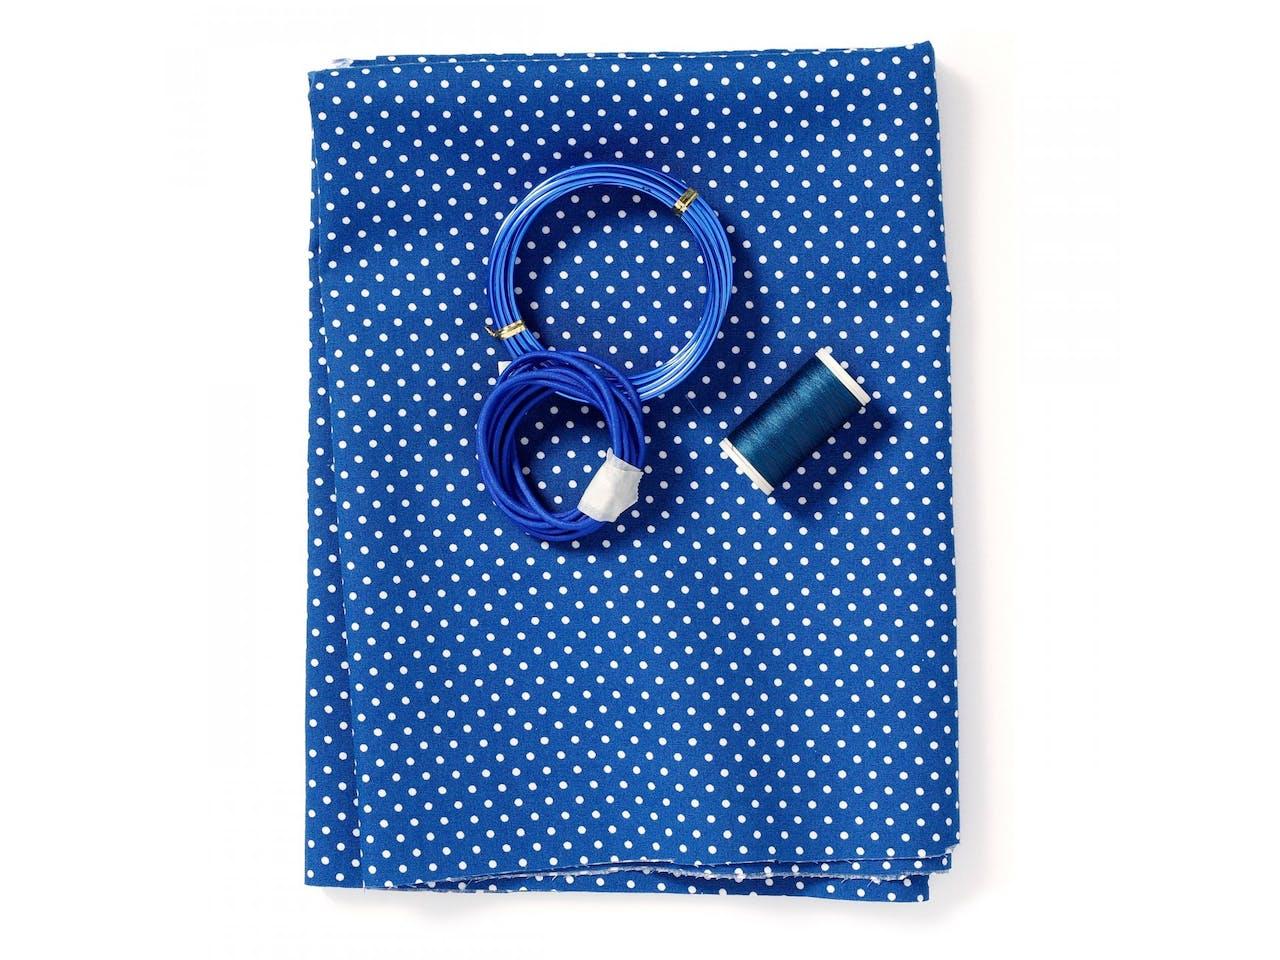 DIY Nähset Behelfs-Mund-Nasen-Maske (Burda Typ 1), für 3 Masken, Stoff mit Punkten, farbig sortiert